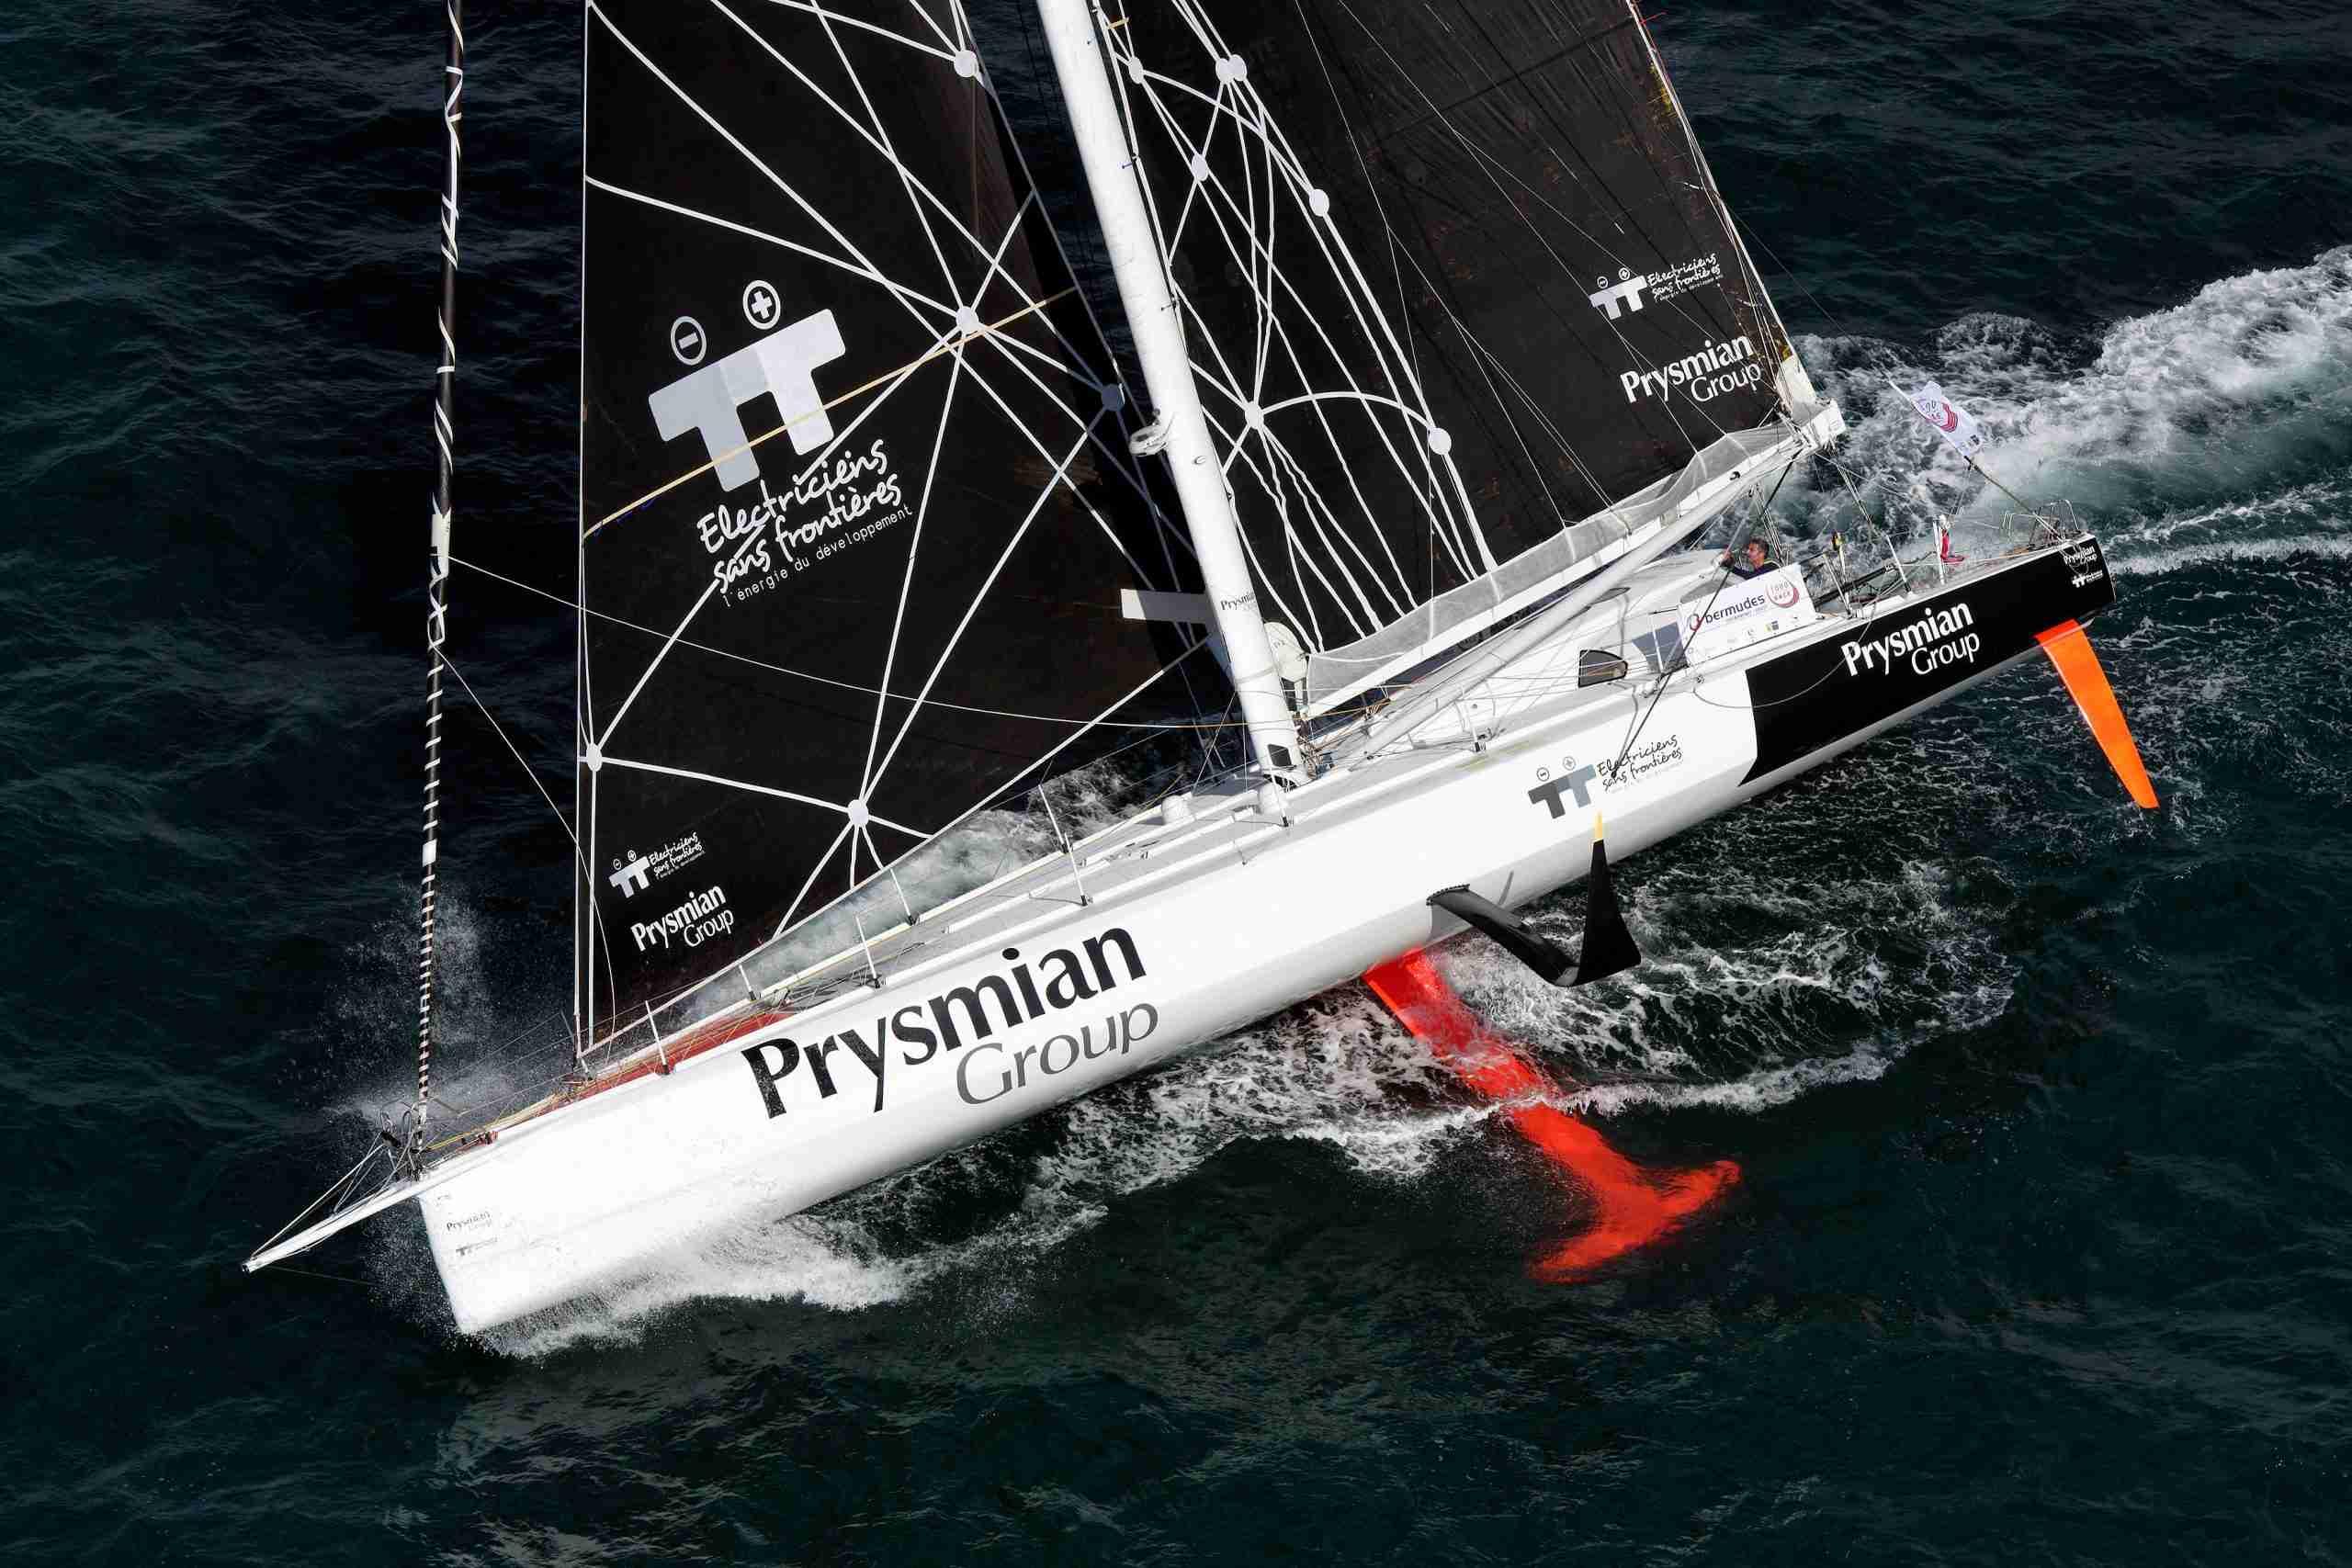 Segnali positivi: Prysmian Group in mare